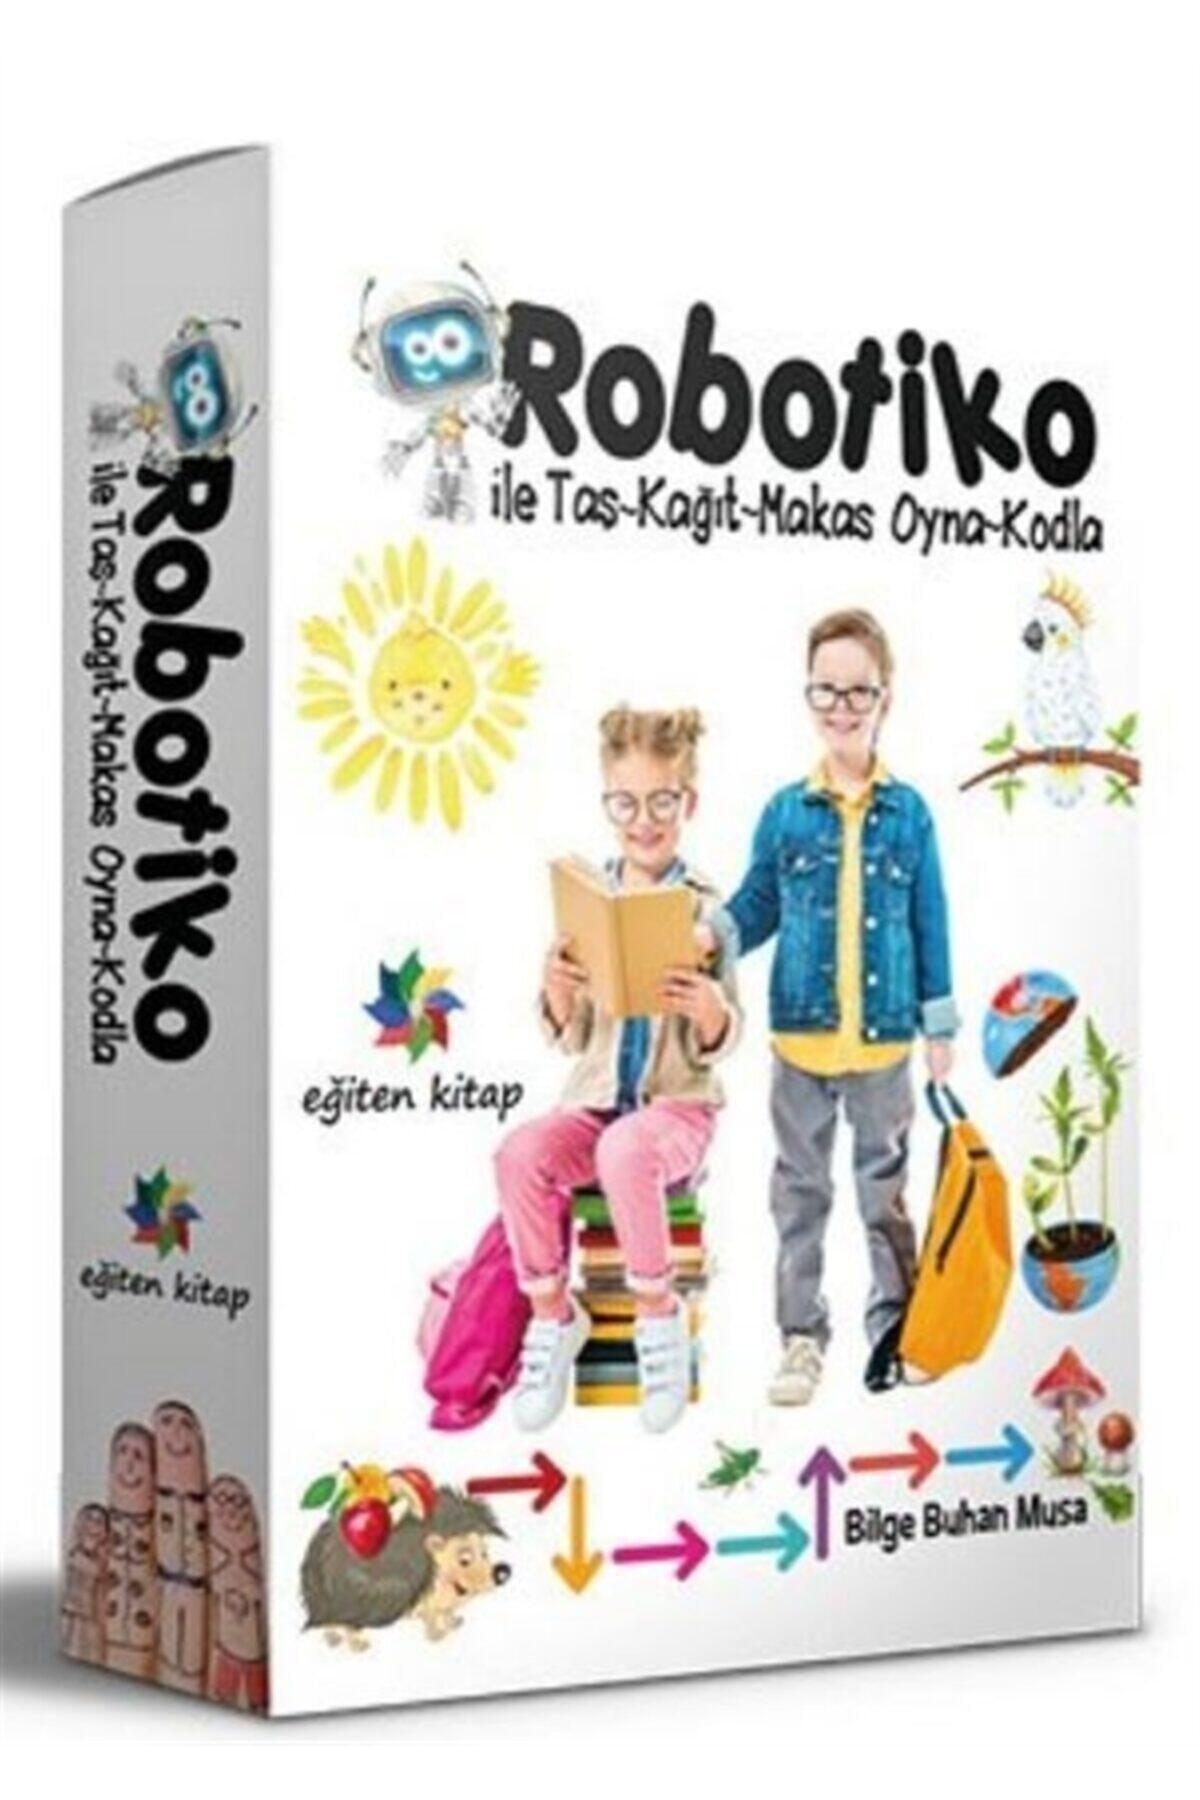 Eğiten Kitap Robotiko Ile Taş-kağıt-makas Oyna-kodla 1